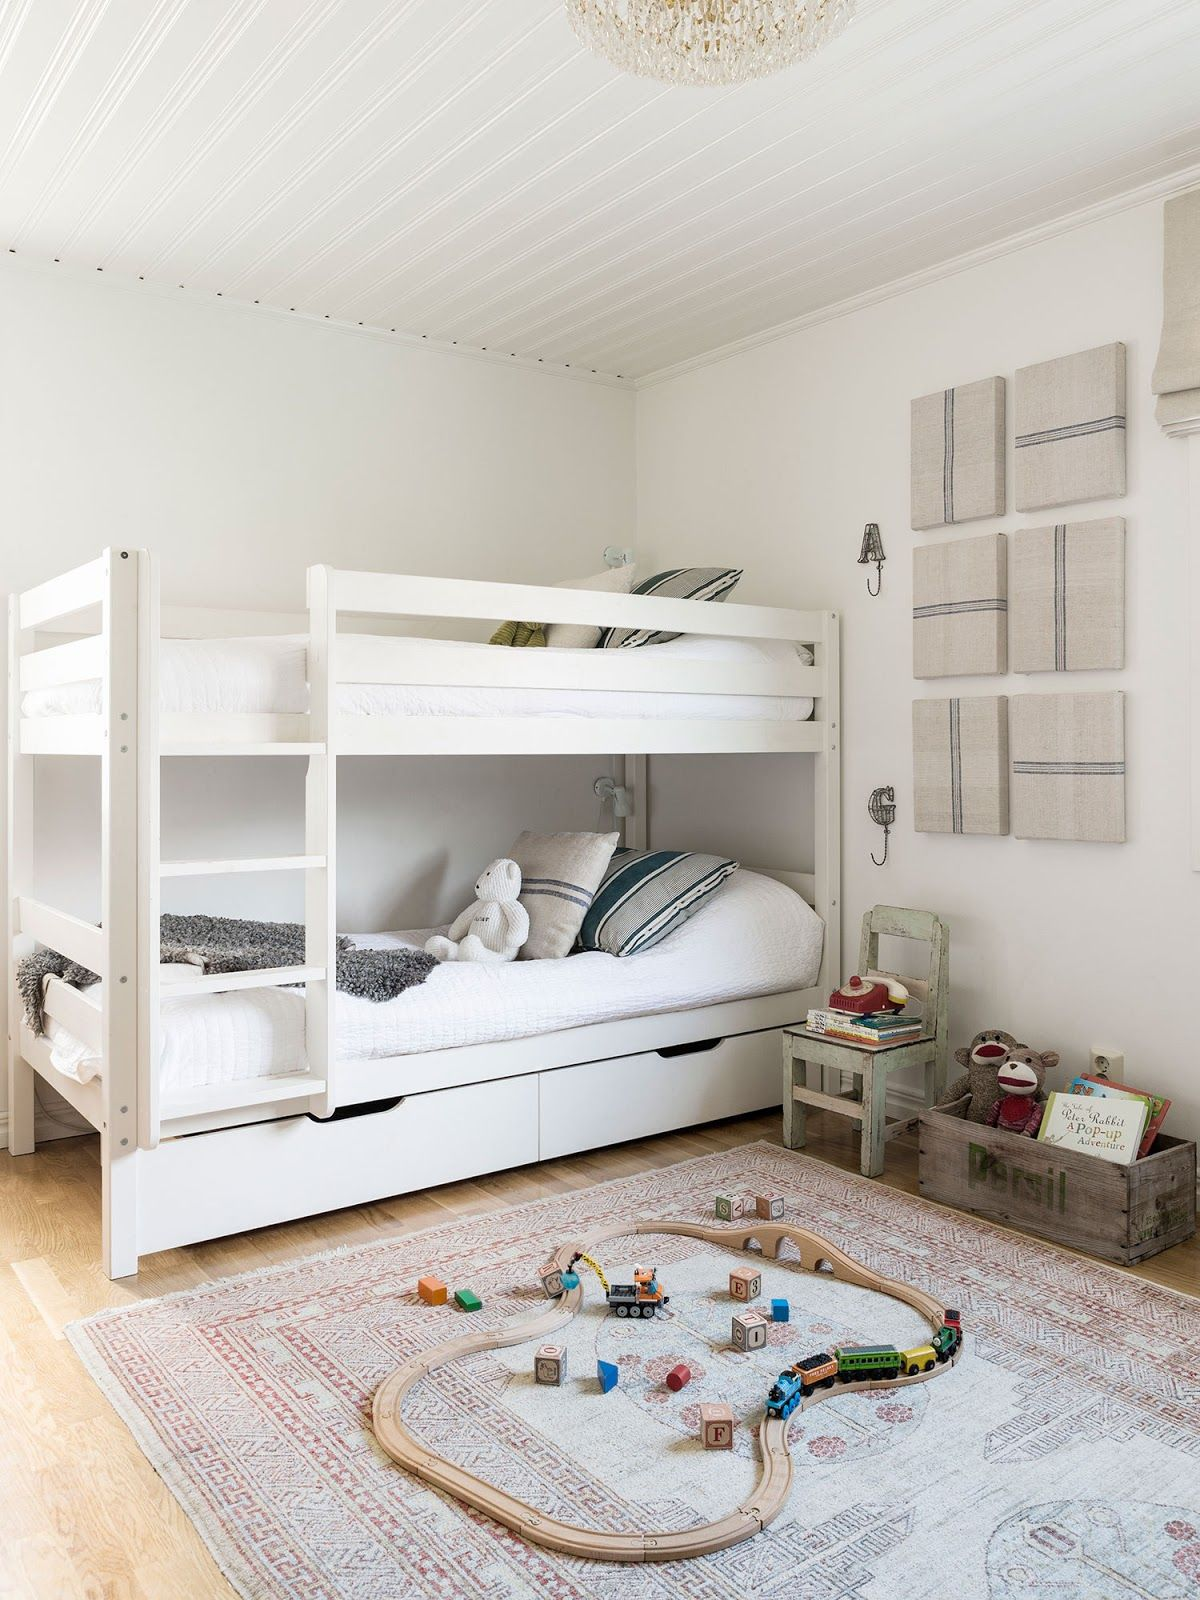 Dormitorio Infantil doble de estilo vintage | dormitorio doble ...